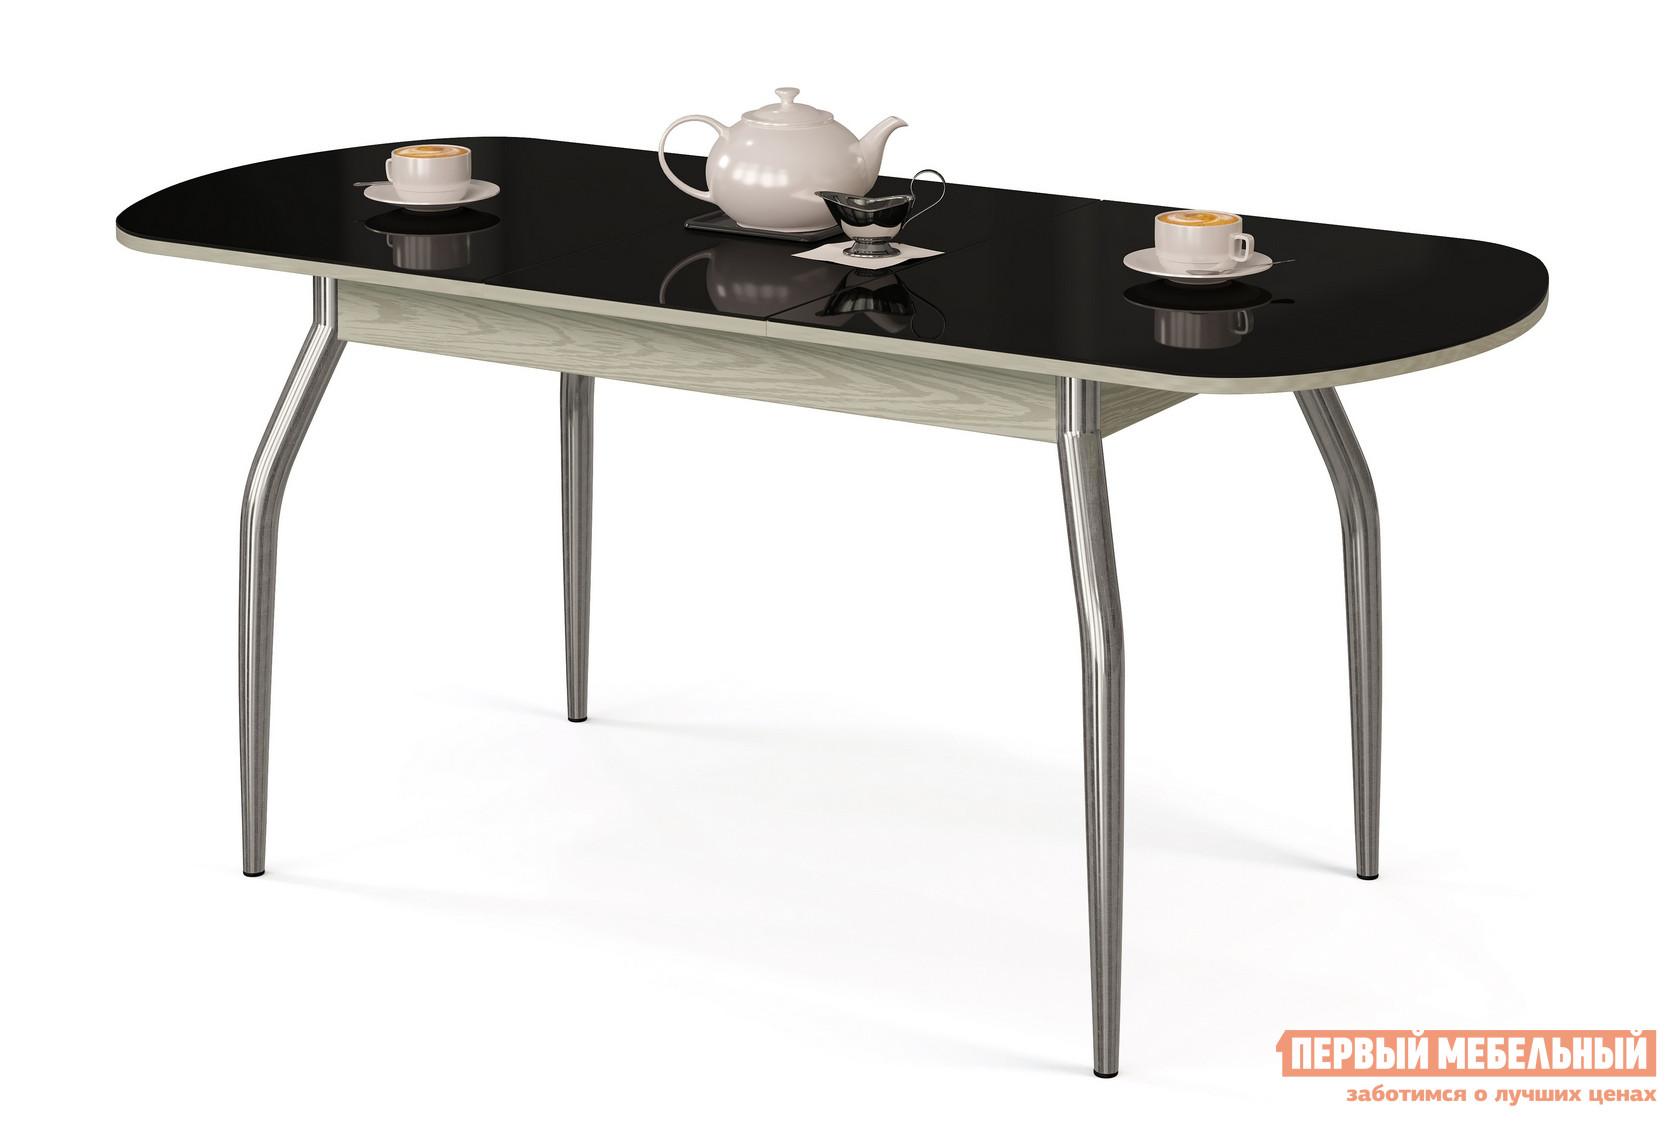 Кухонный стол МегаЭлатон Сиена-Стекло Черный, Венге италия